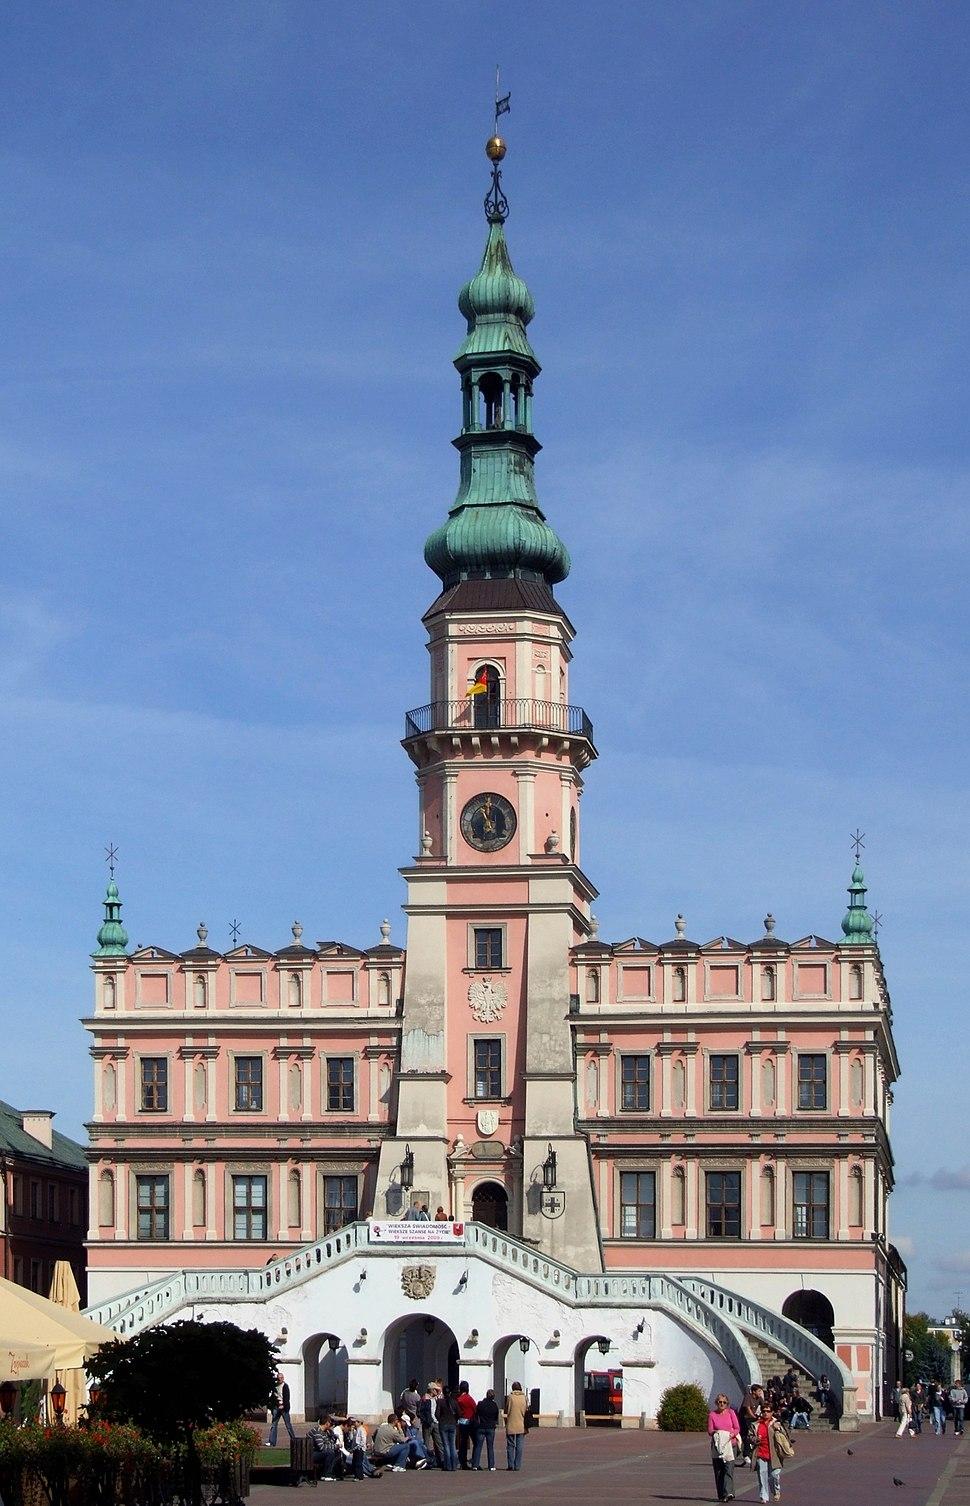 Town Hall in Zamość 2009